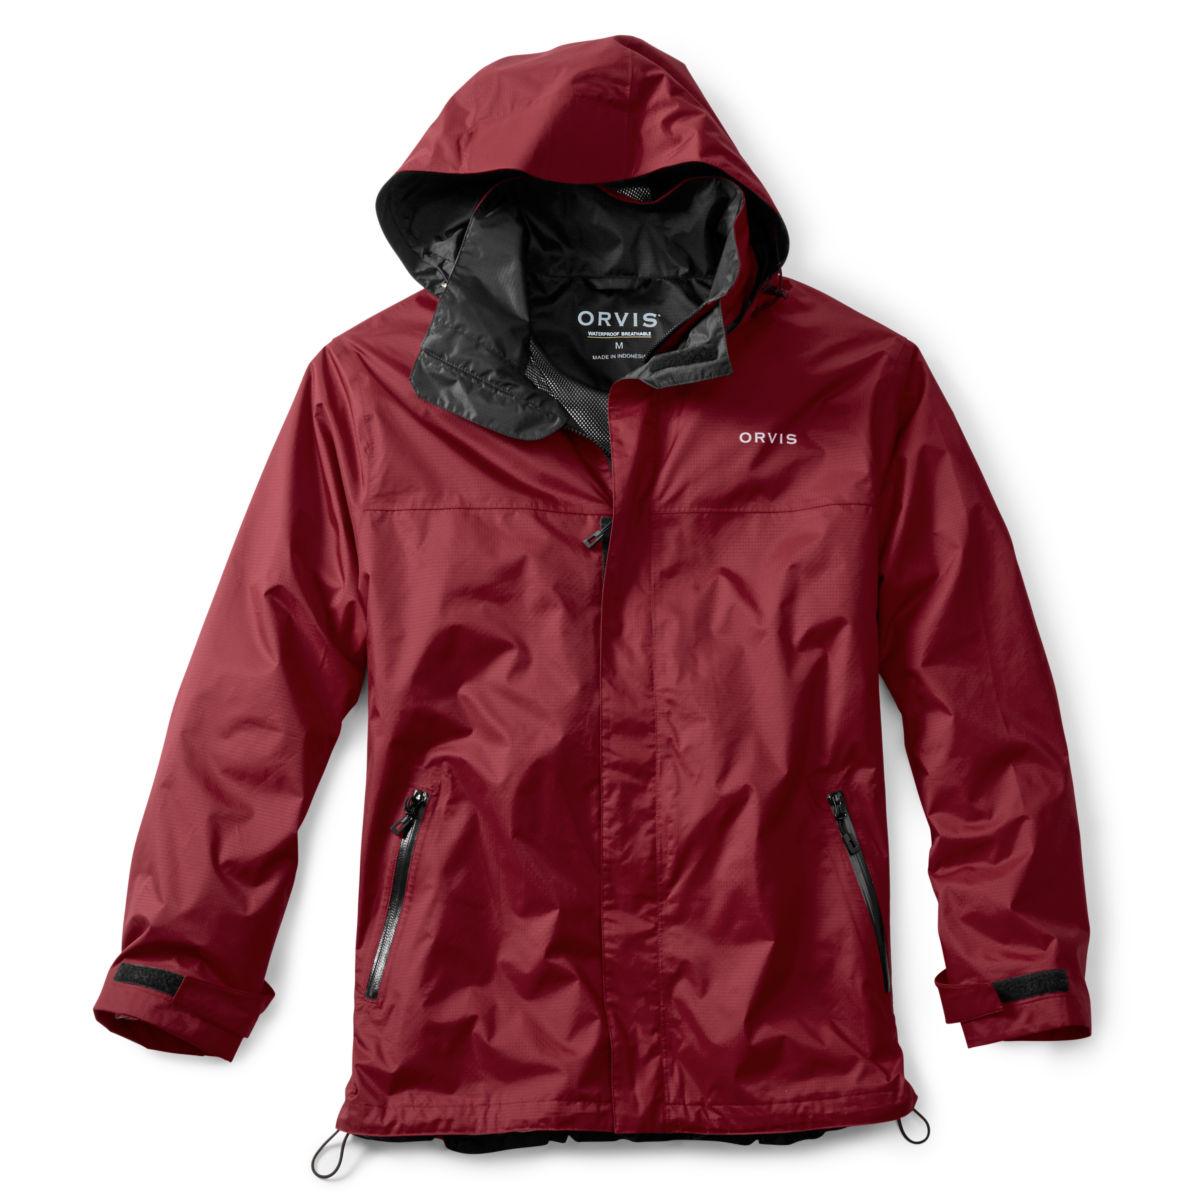 Orvis Waterproof Rain Jacket - REDimage number 0